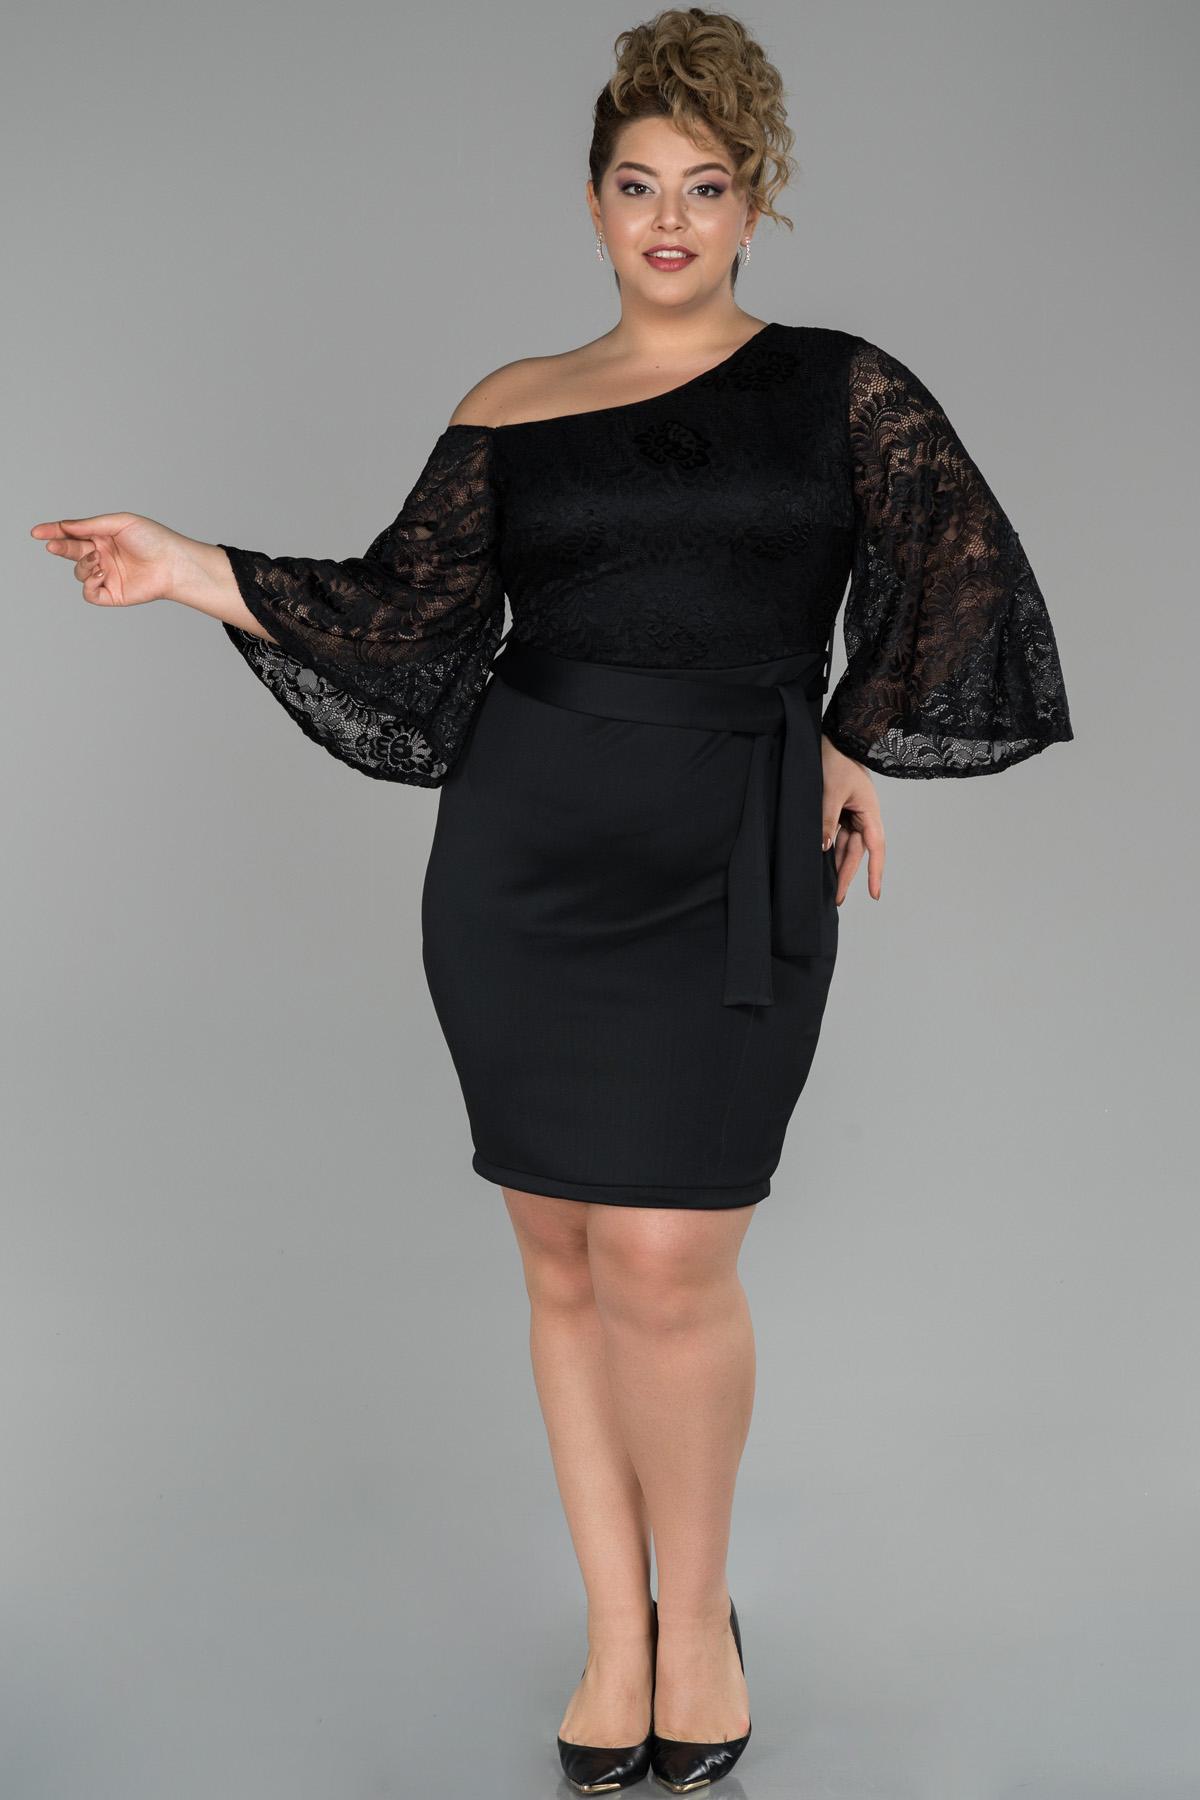 Siyah Kısa Omuz Dekolteli Dantel Detaylı Büyük Beden Elbise